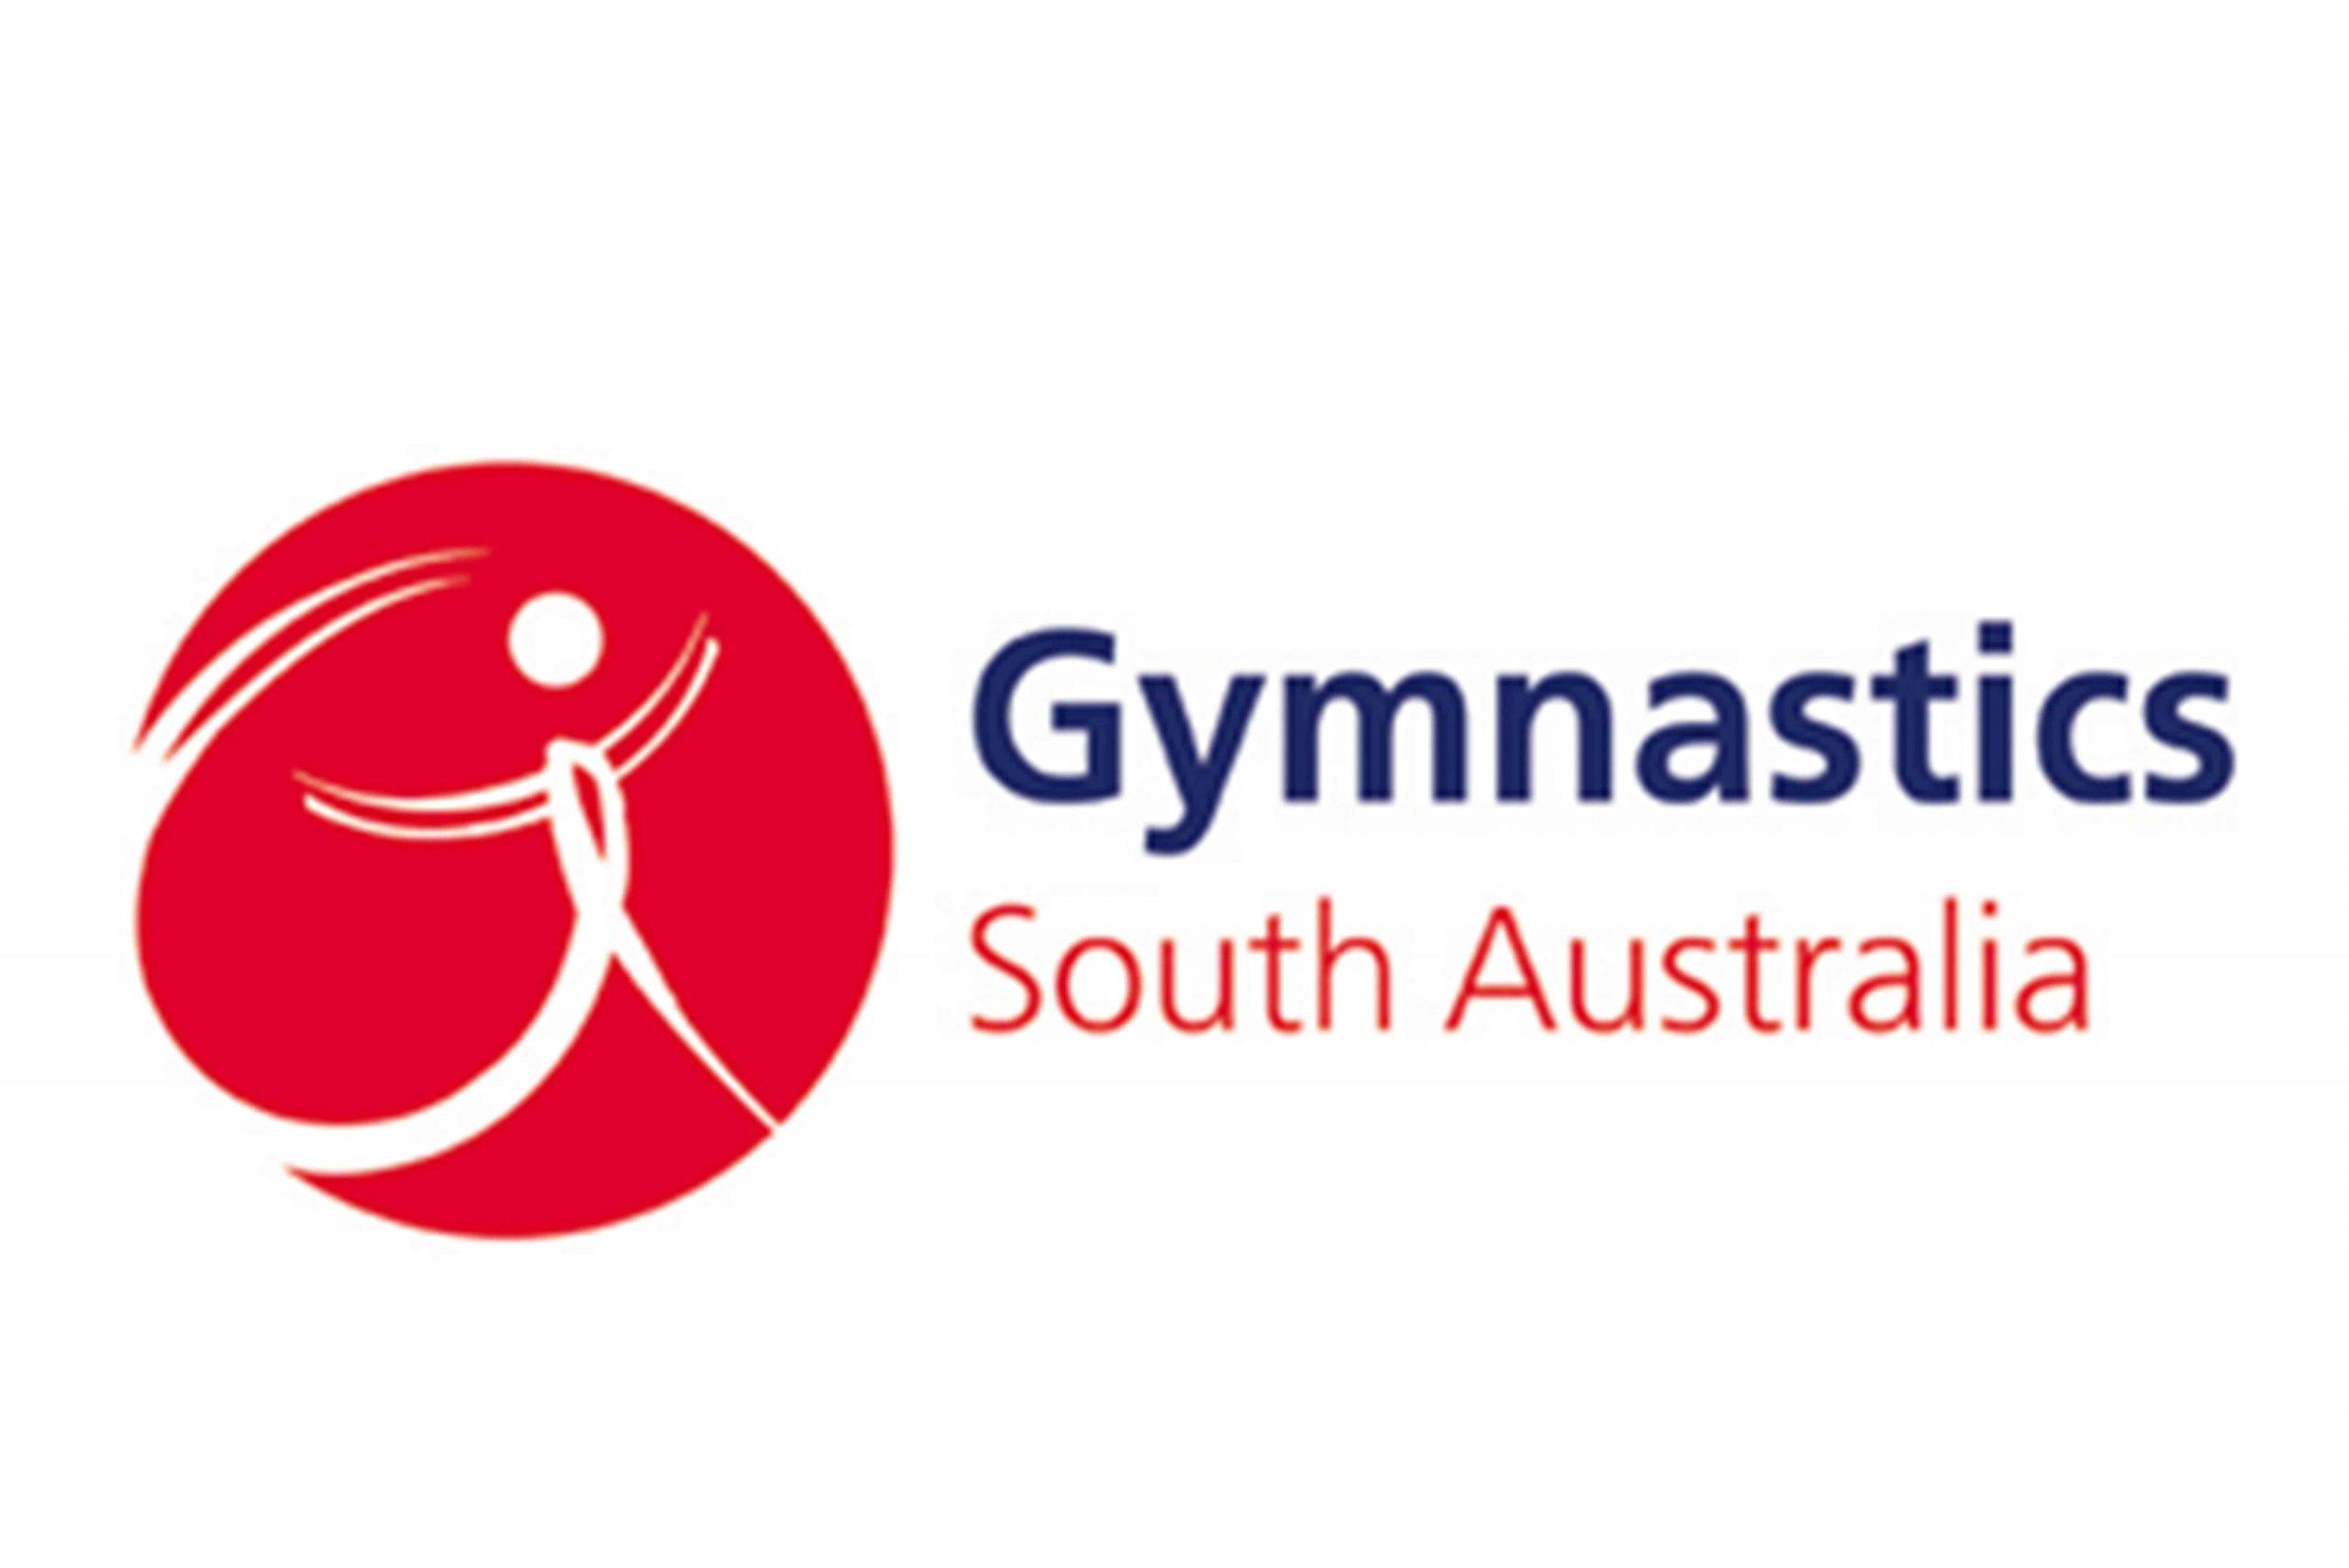 Gymnastics South Australia logo on a white background